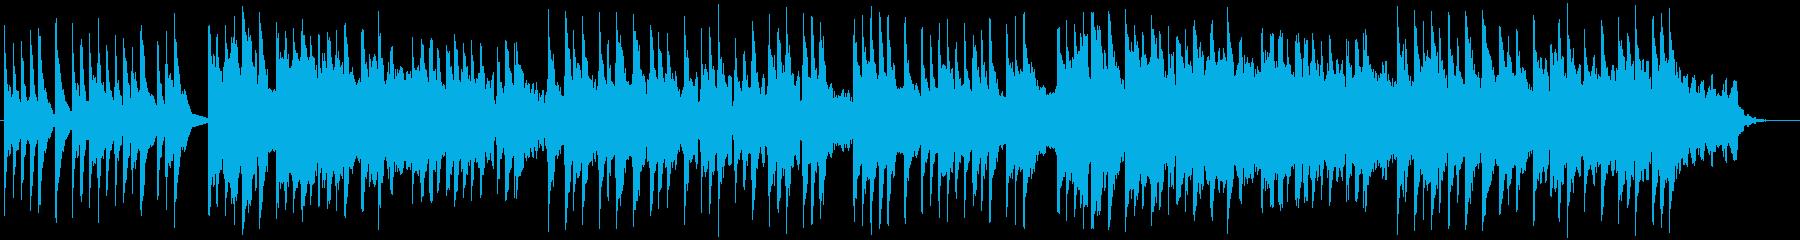 シネマティック和風BGM 琴 三味線 尺の再生済みの波形